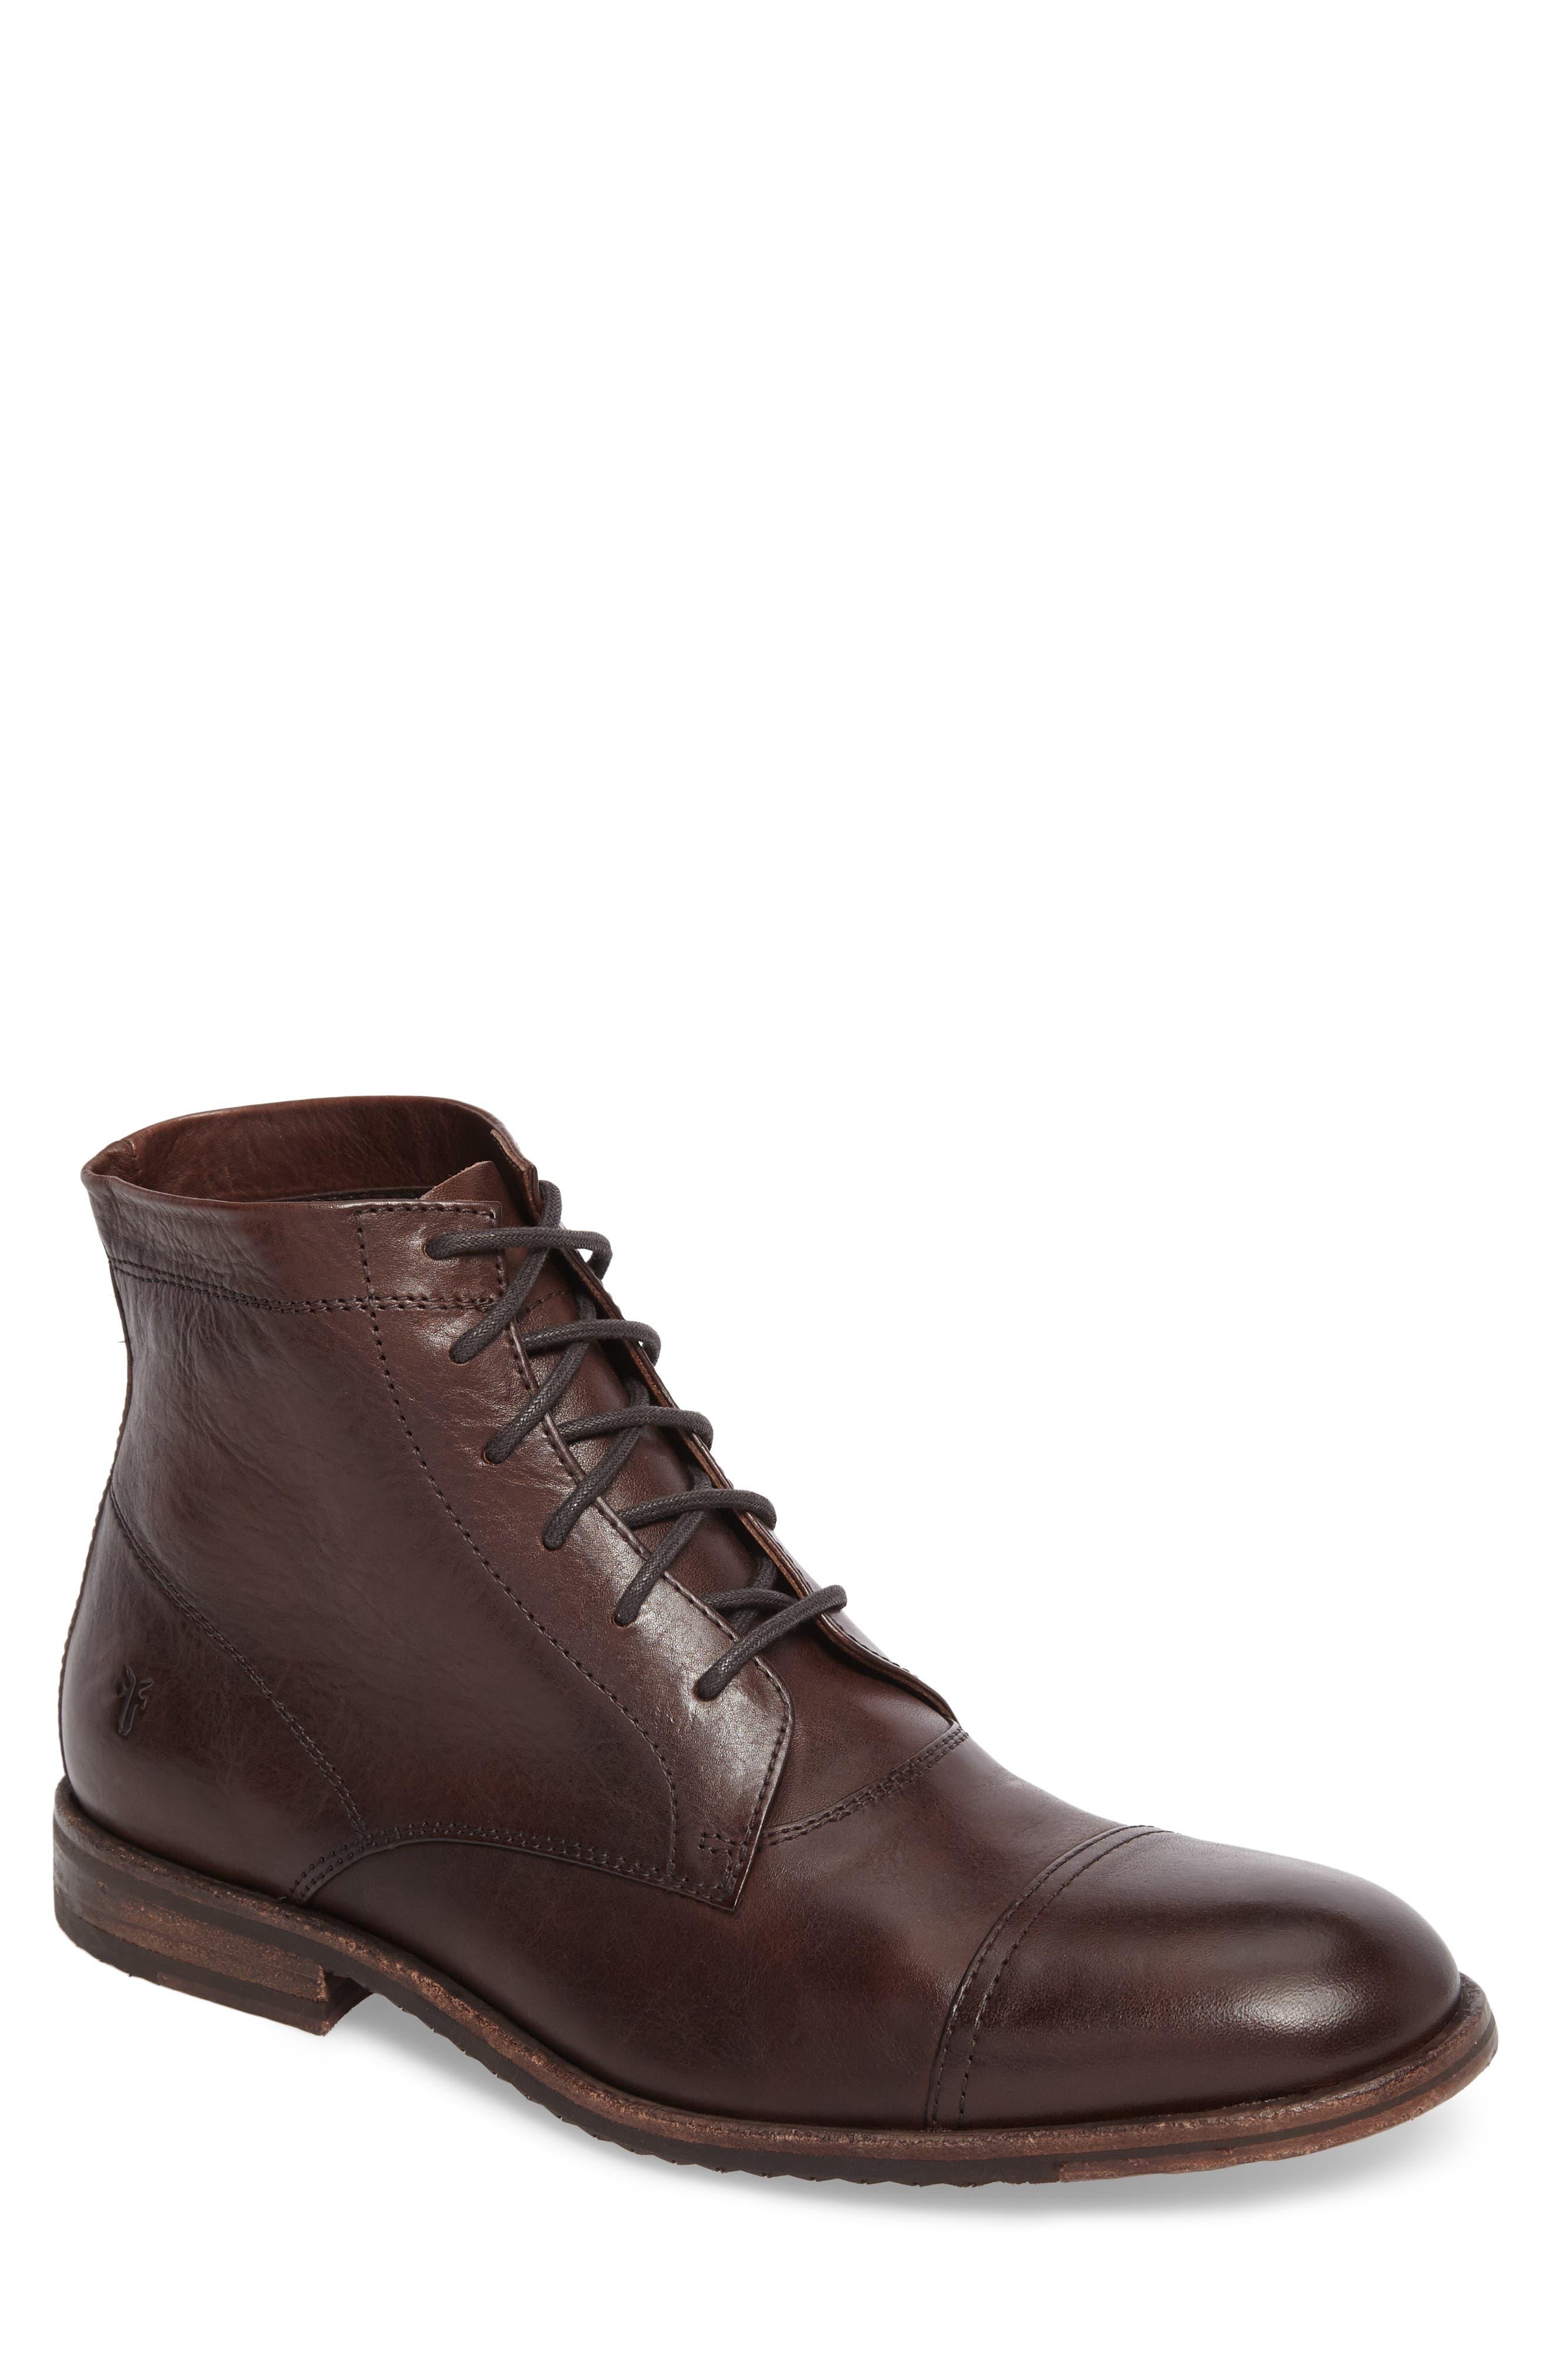 Main Image - Frye Sam Cap Toe Boot (Men)